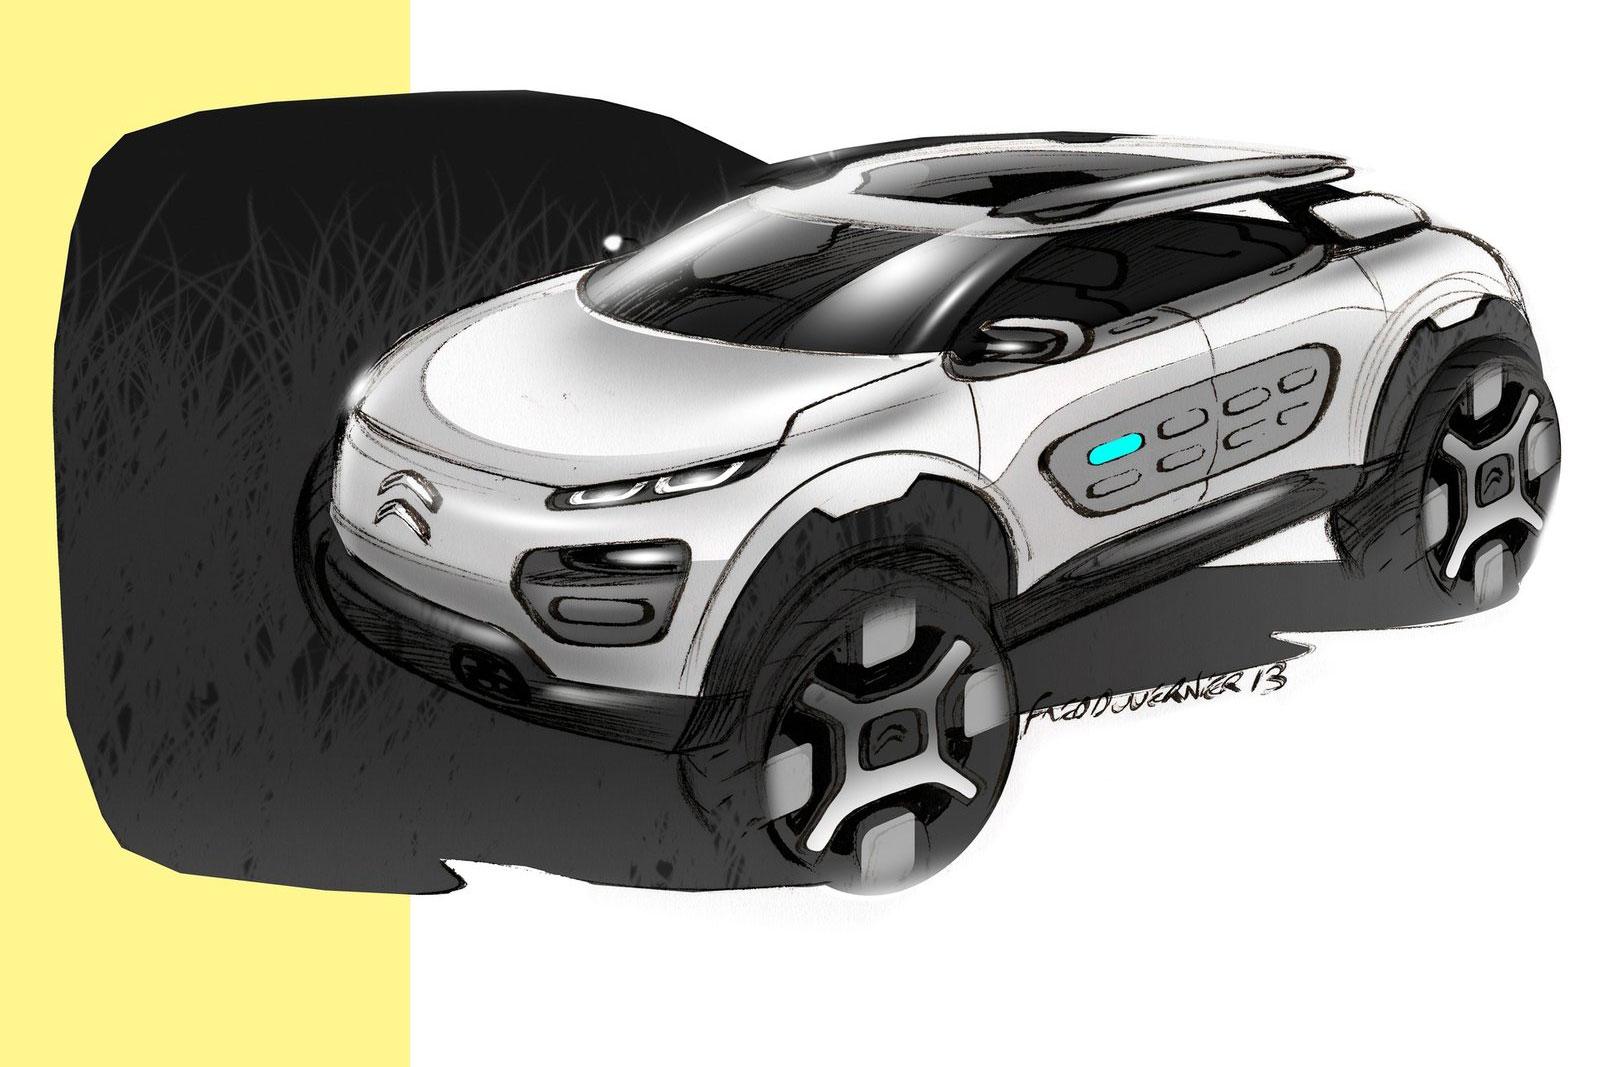 Citroen cactus concept design sketch car body design for Citroen cactus concept